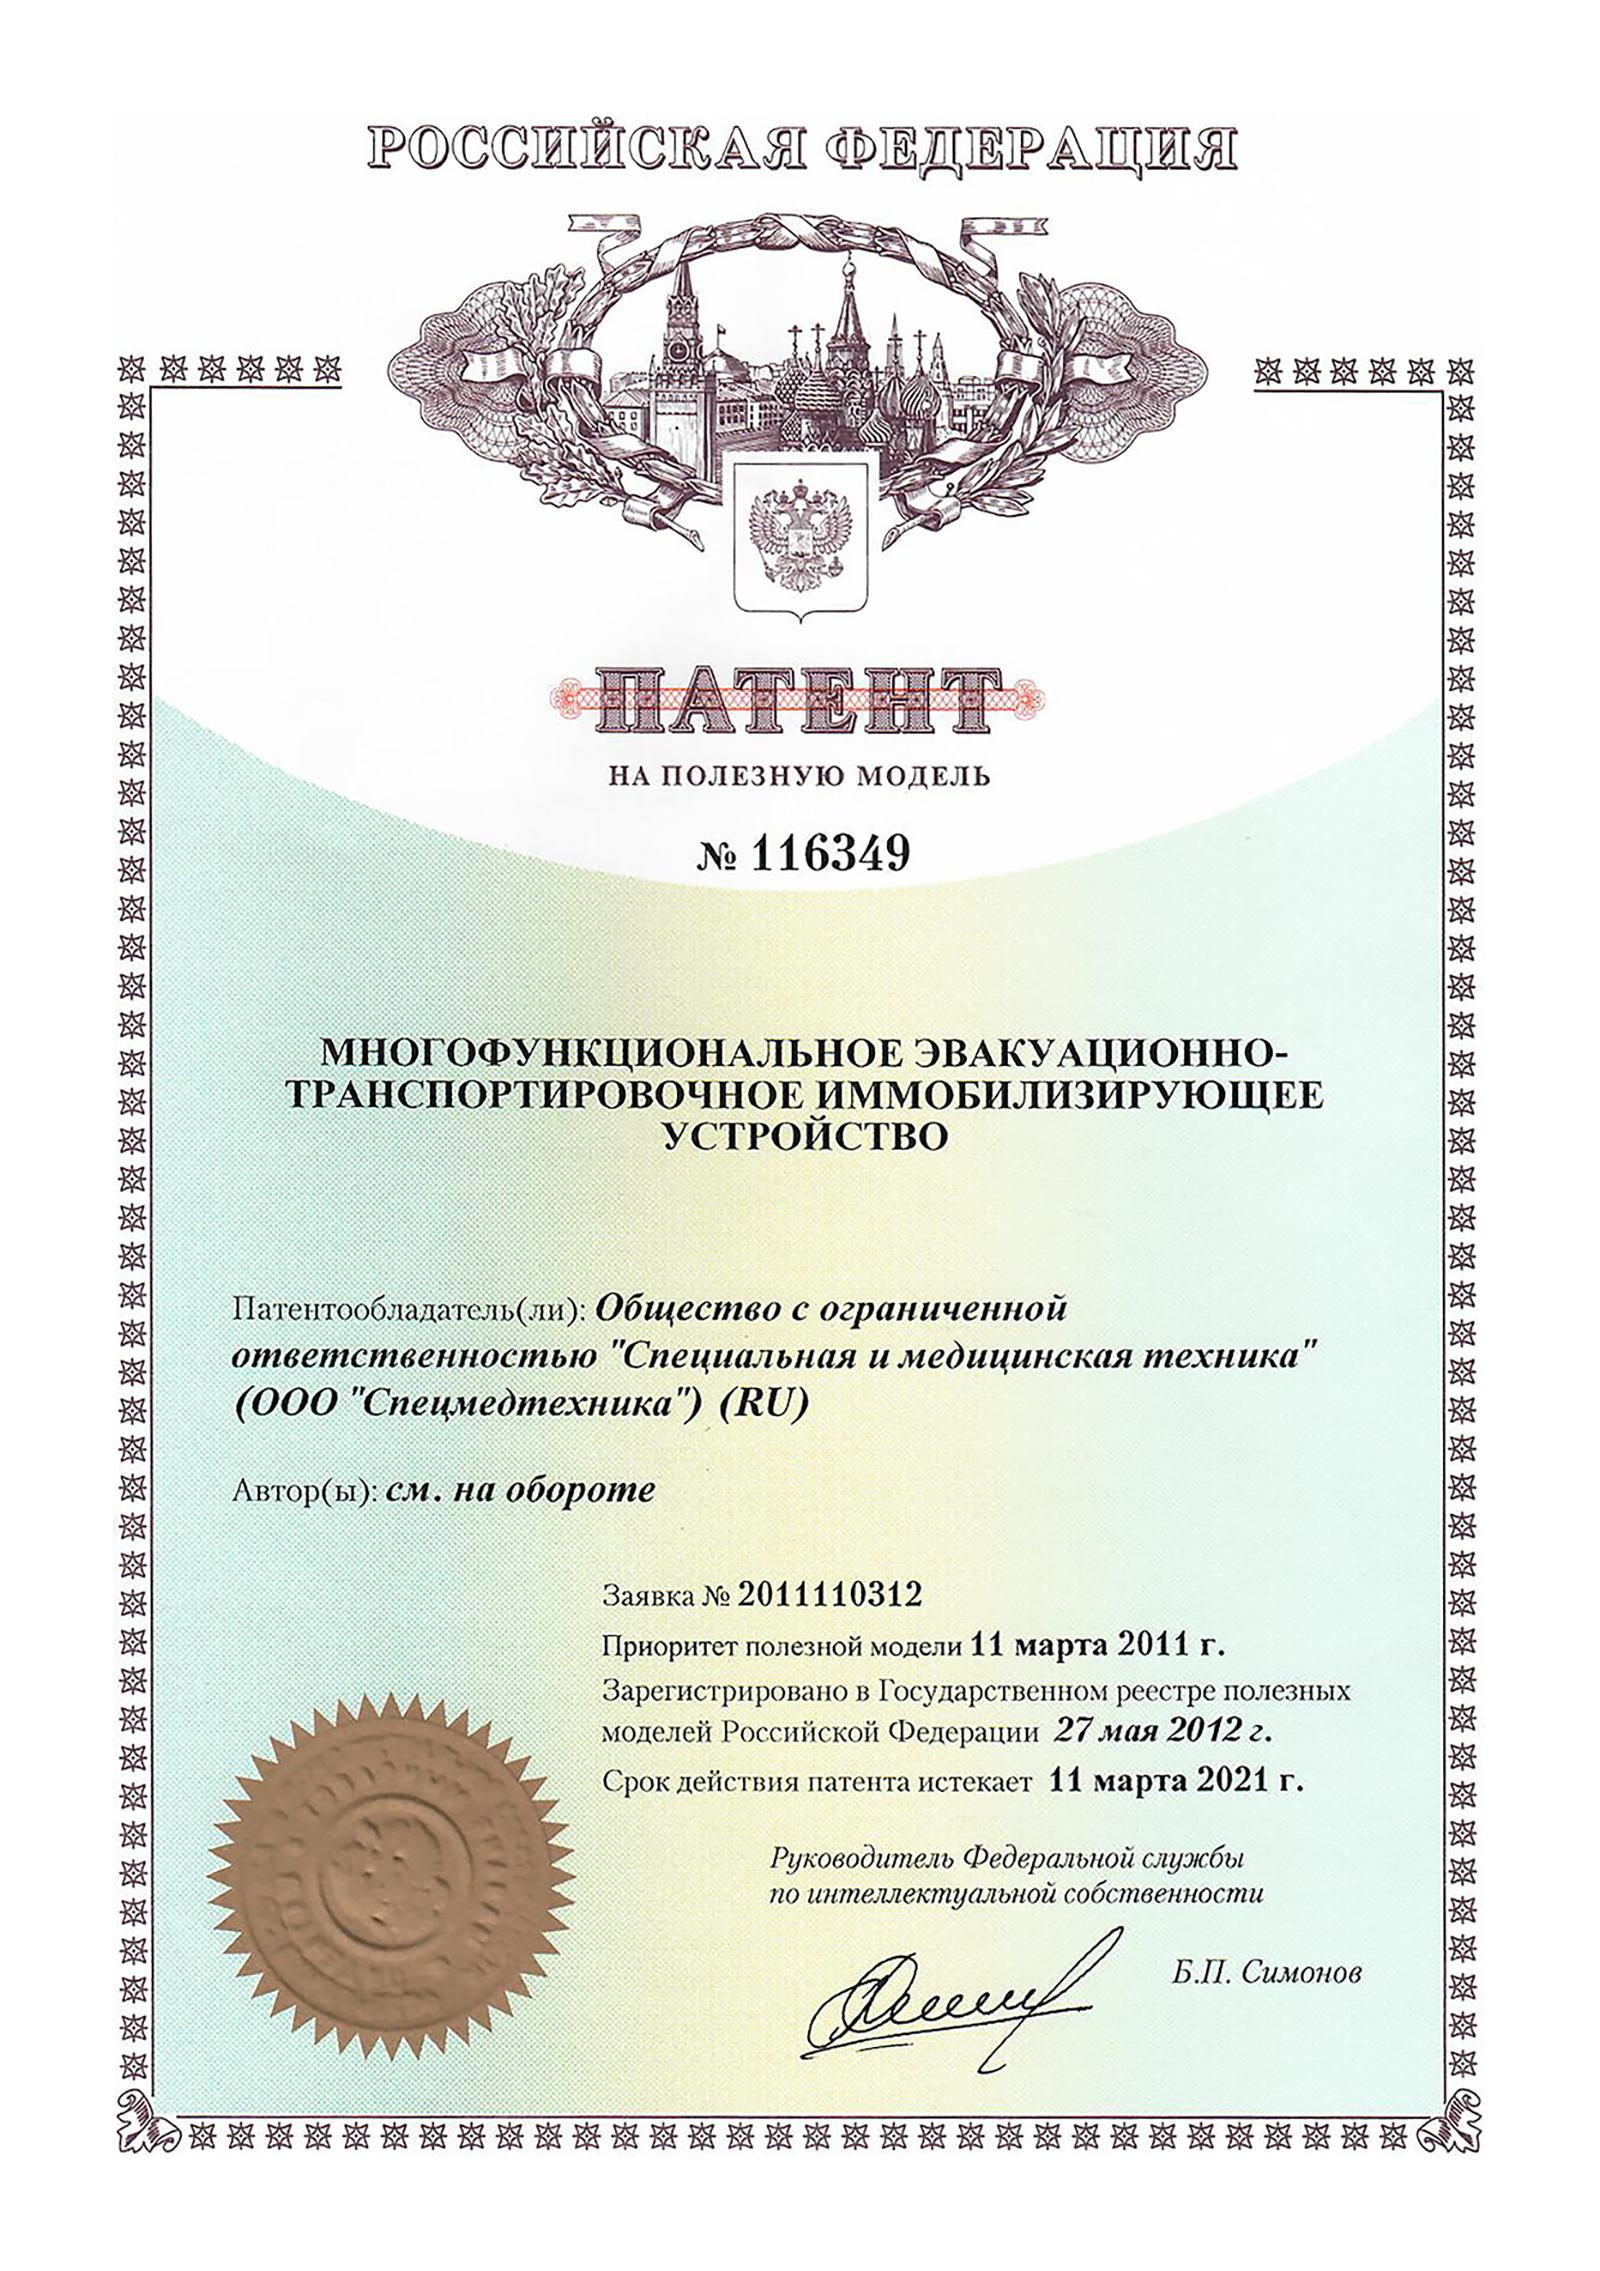 Патент на полезную модель 116349 Многофункциональное эвакуационно-транспортировочное иммобилизирующее устройство